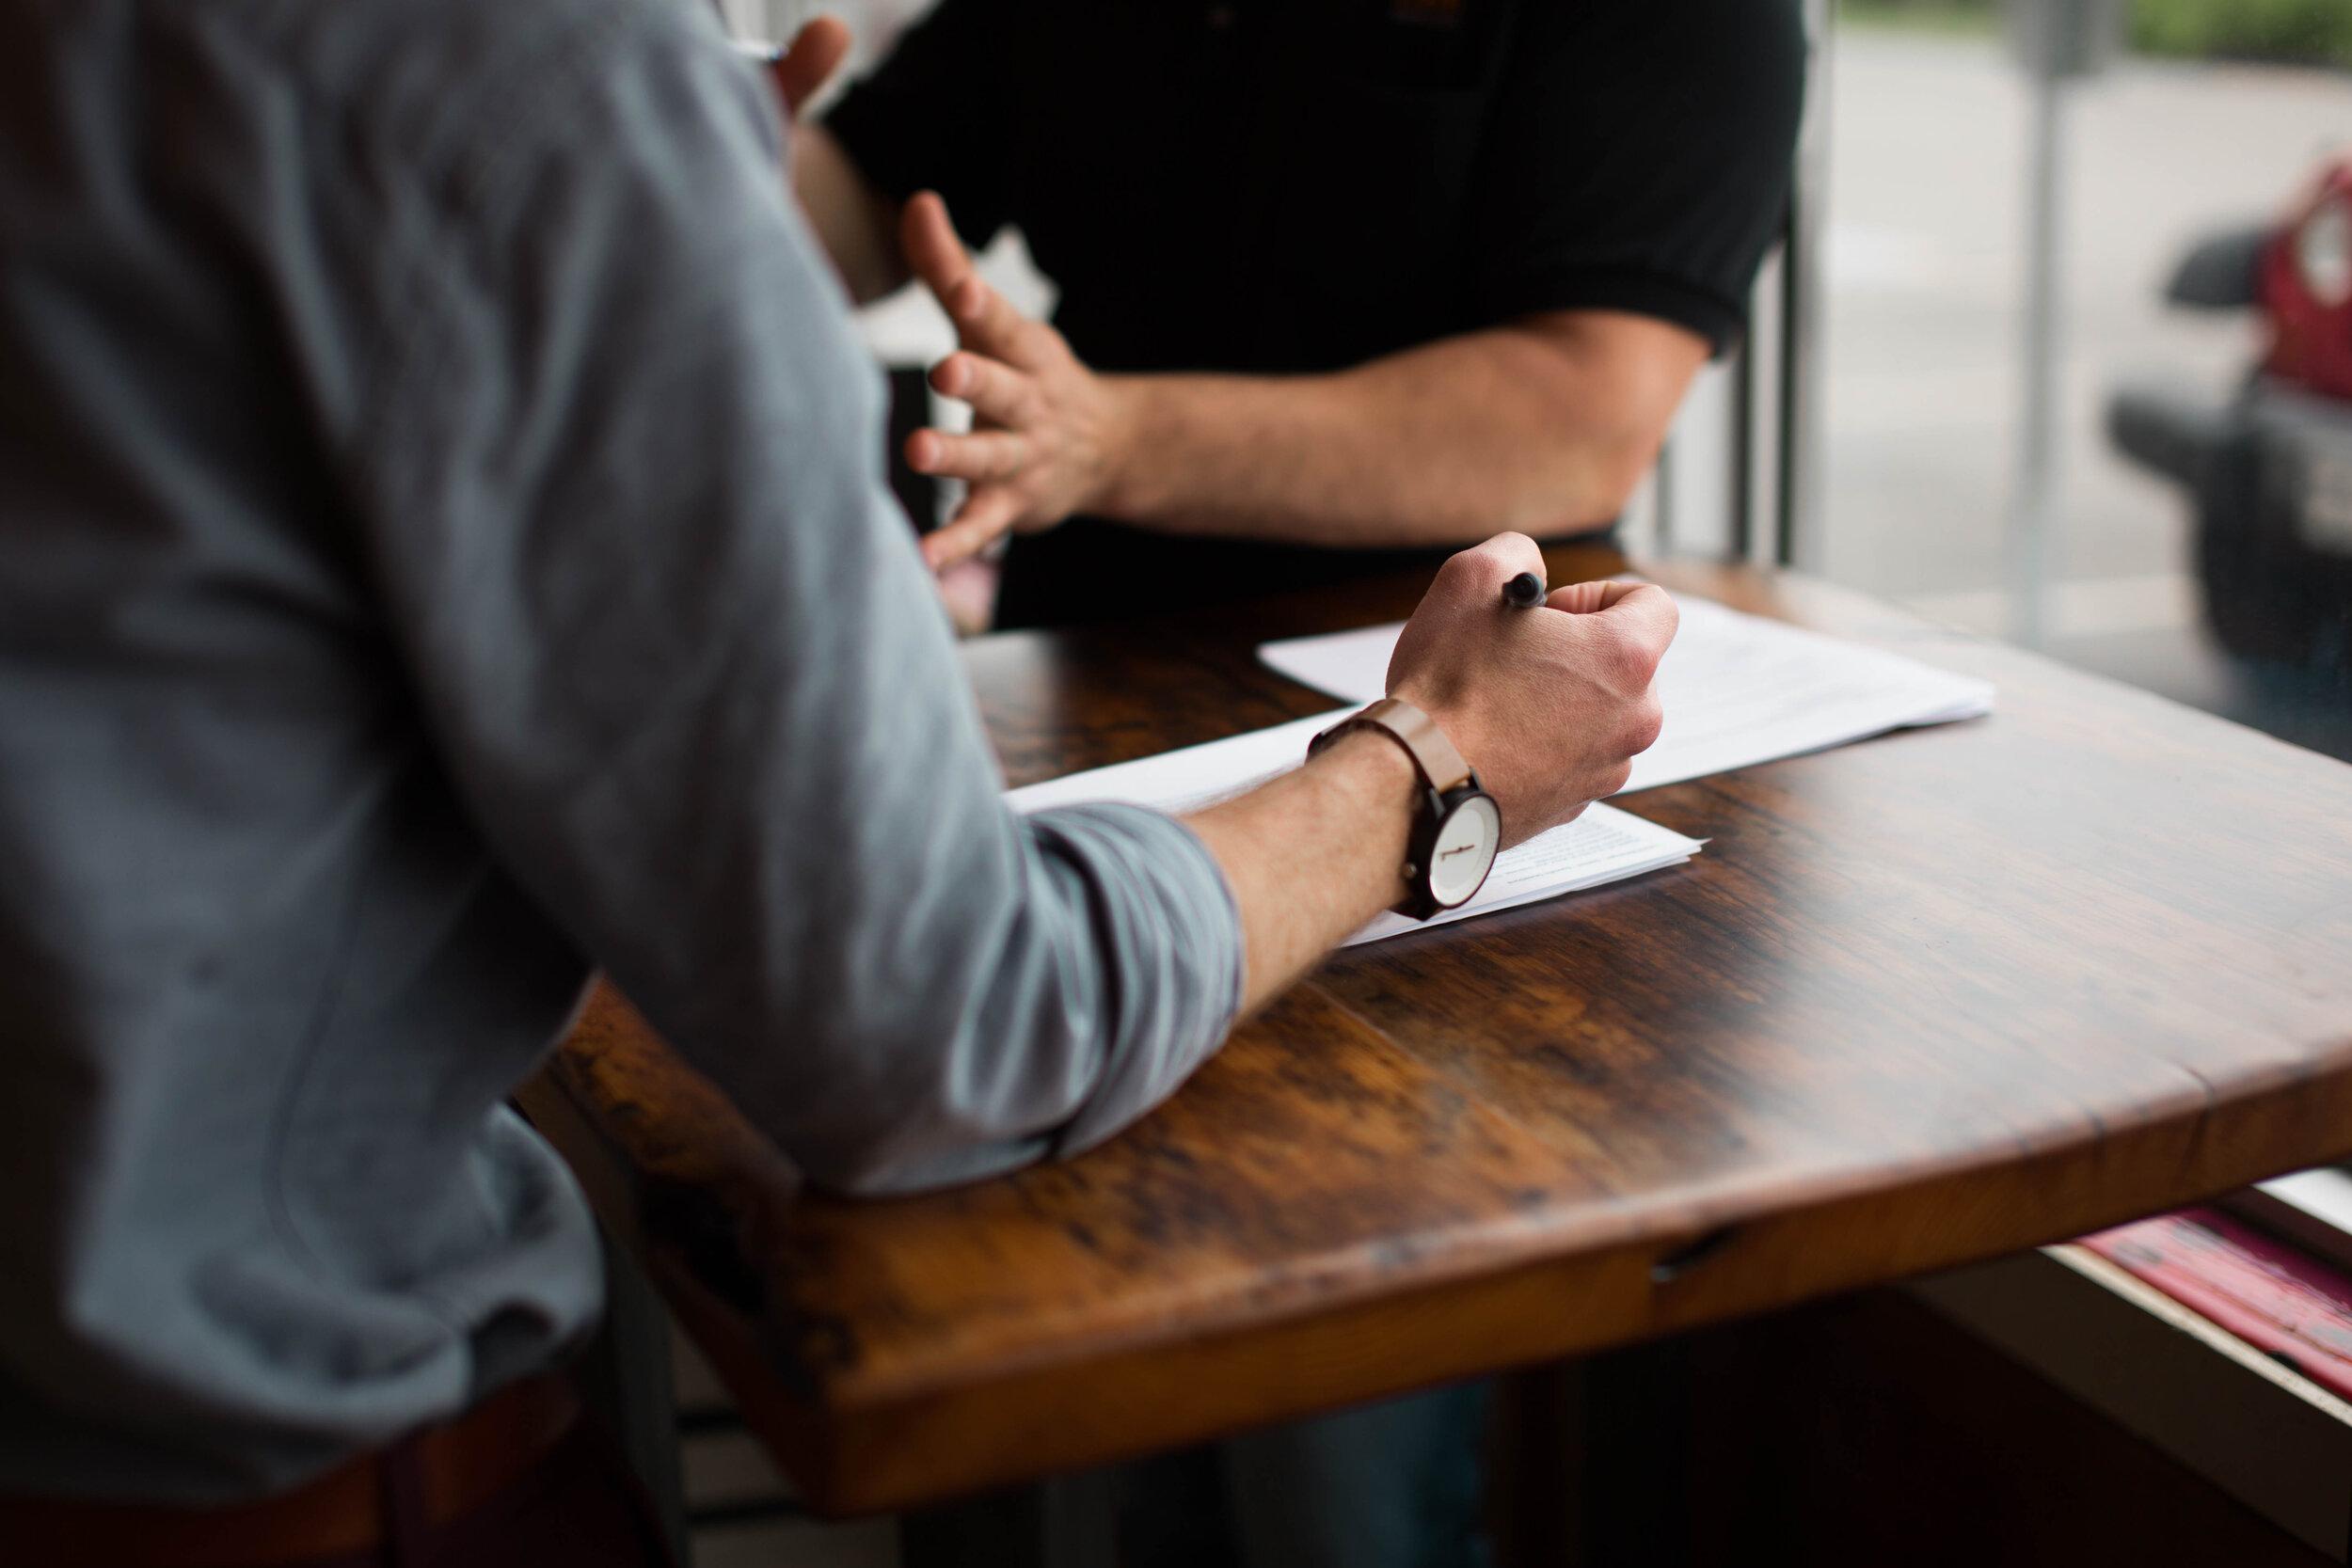 Cómo puede ayudar la mediación a resolver disputas en la corte | Powell Law Group | Richmond VA